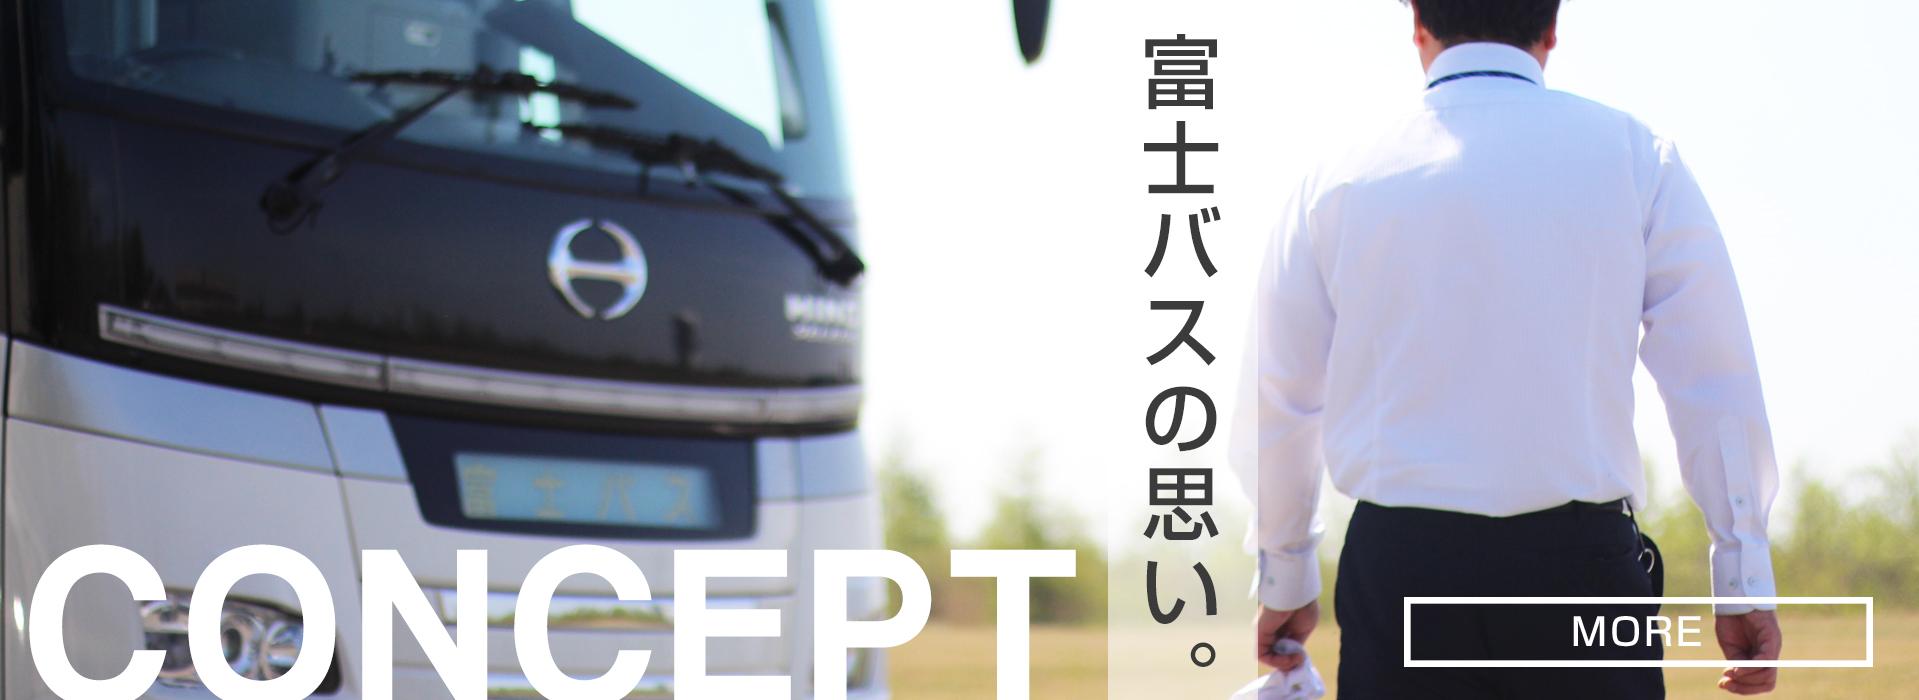 北海道・札幌・ニセコ・留寿都・新千歳空港・登別の貸切バス・観光バス・送迎なら富士バス